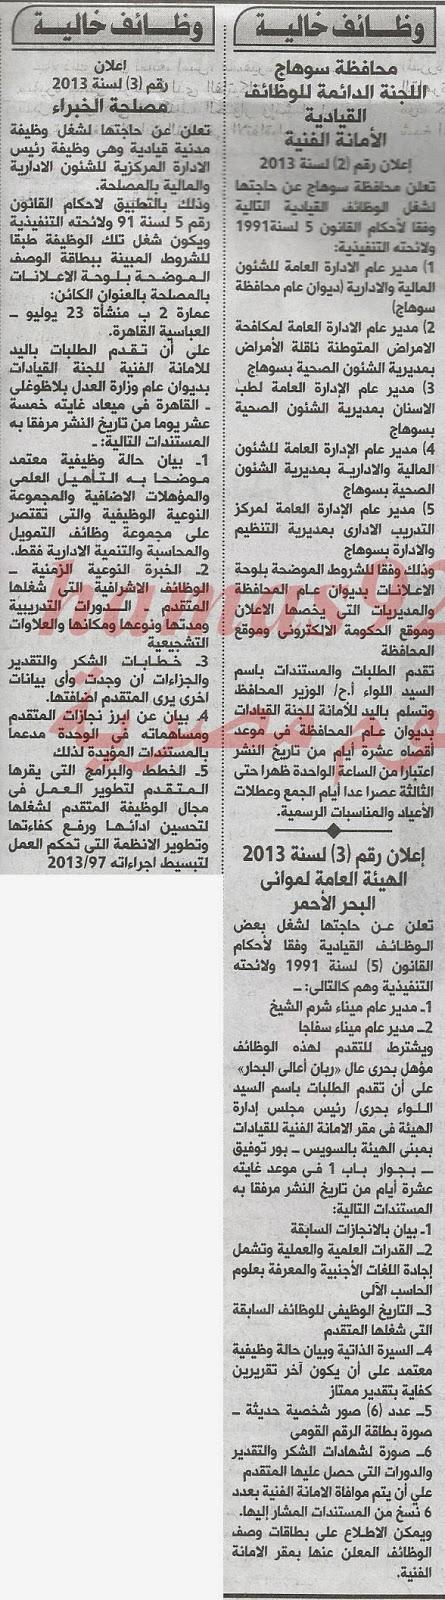 وظائف جريدة الاهرام اليوم الاربعاء 25-12-2013 , وظائف خالية في مصر ليوم 25 ديسمبر 2013